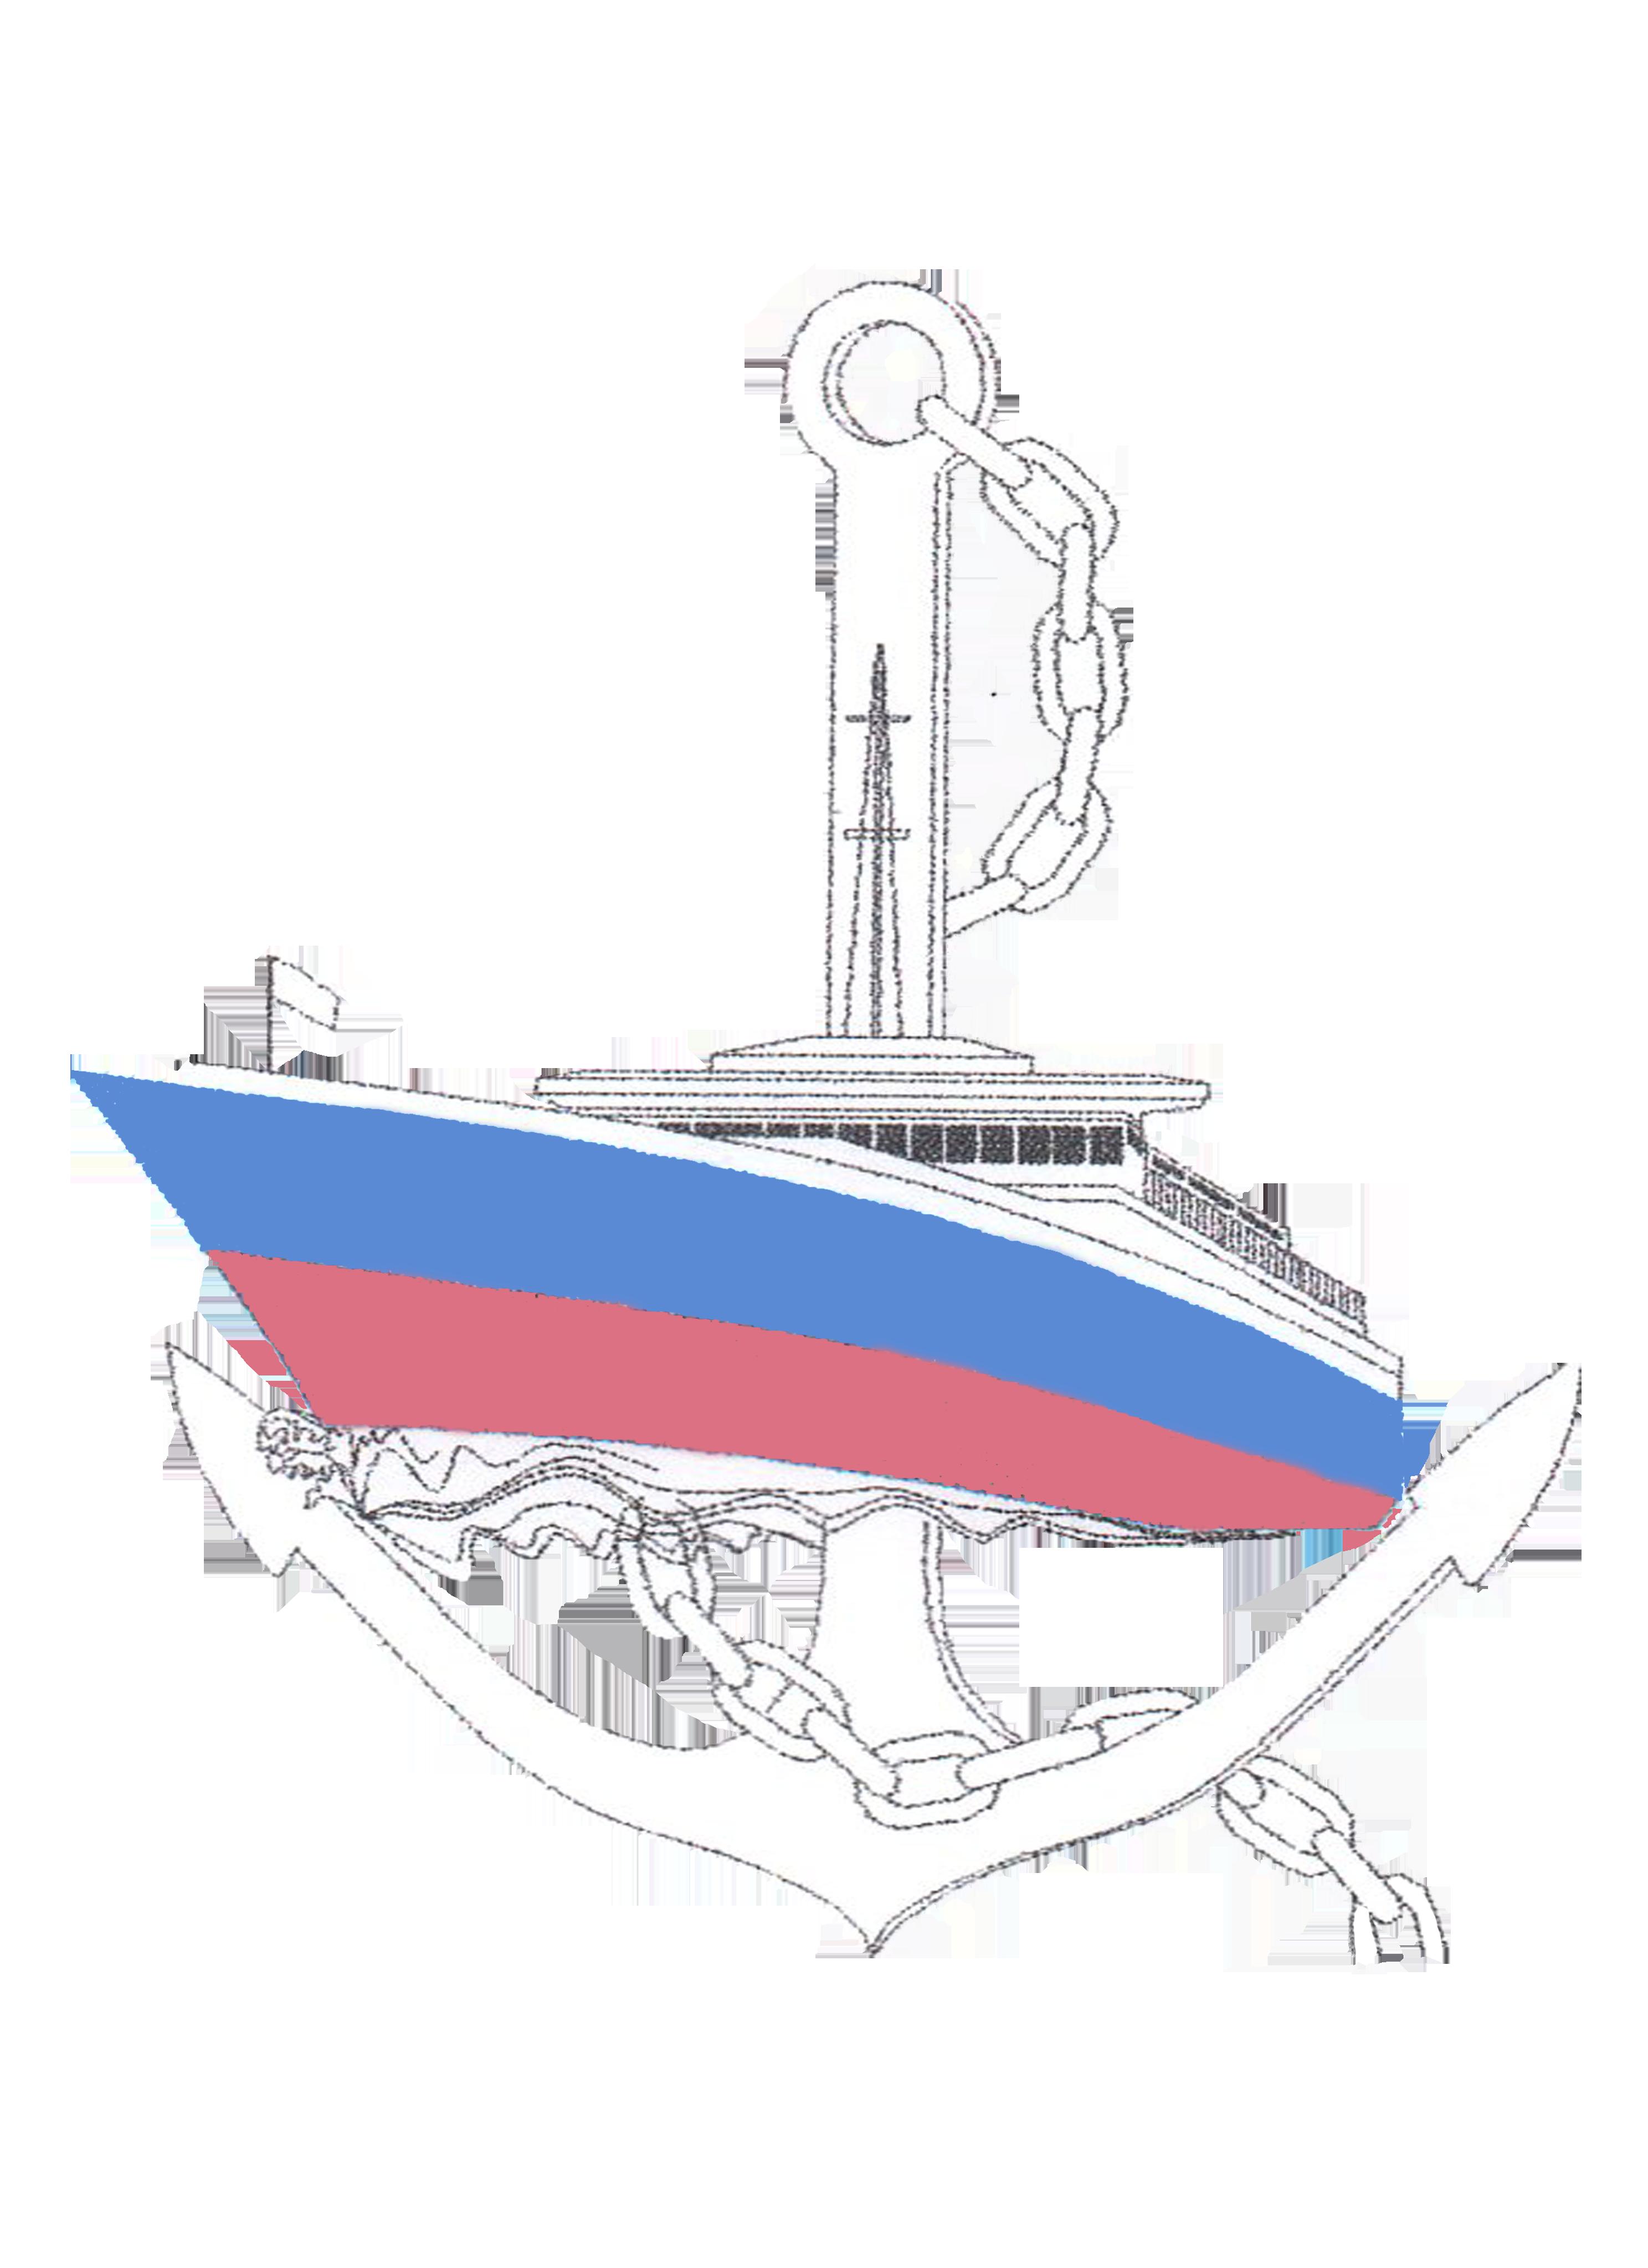 servicio de remolque marítimo